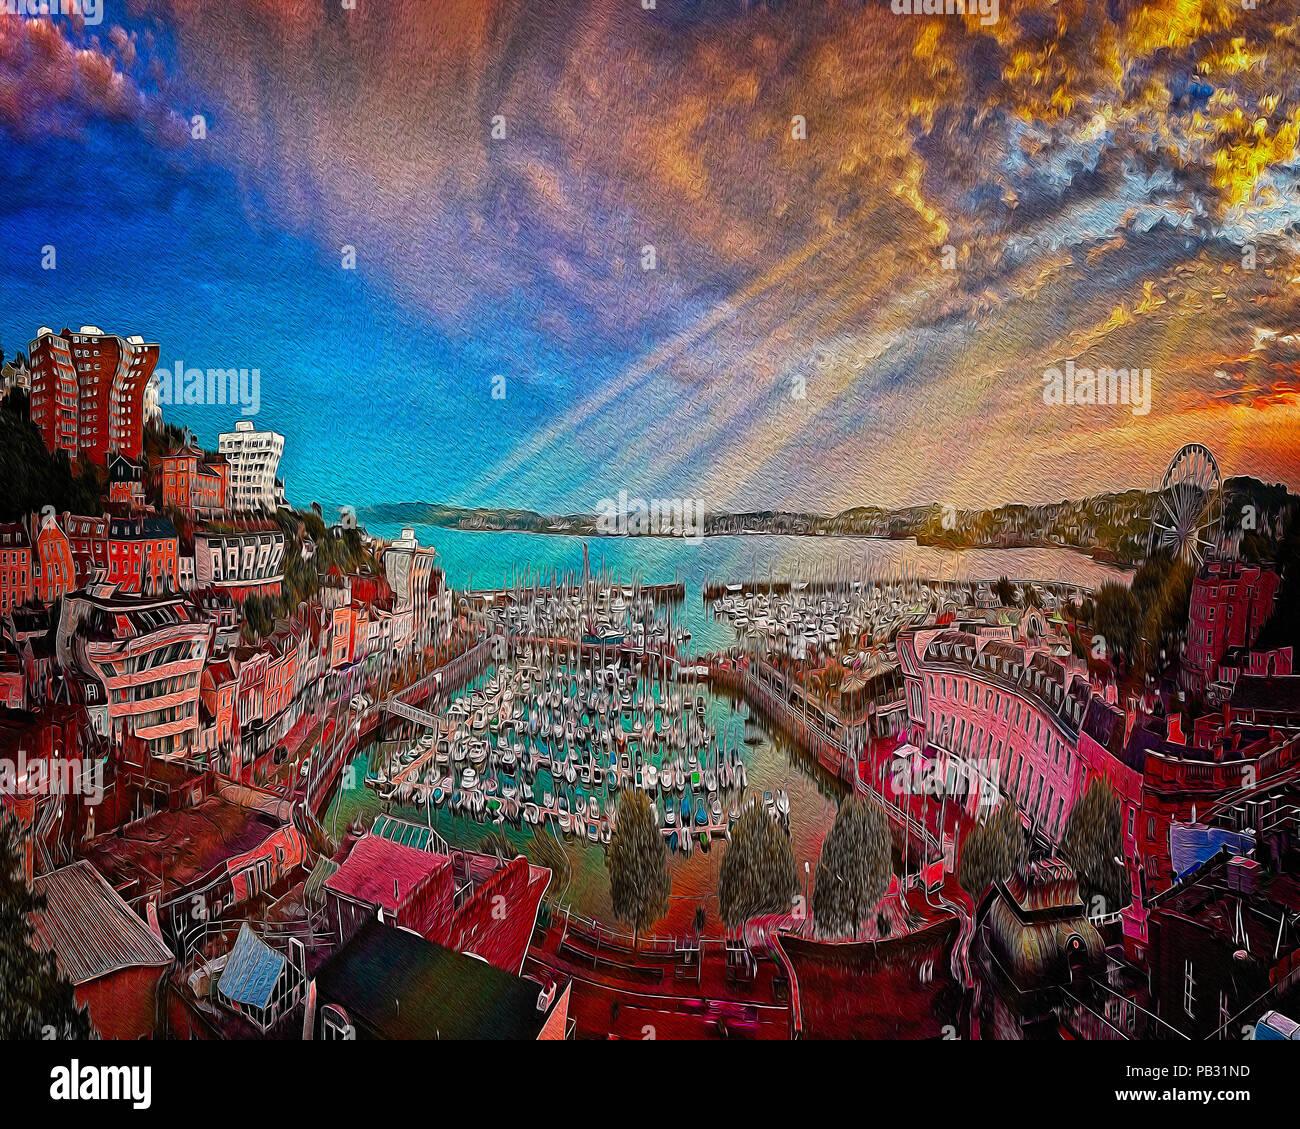 Digitale Kunst: der Hafen von Torquay & Stadt bei Sonnenuntergang, Devonshire, Großbritannien Stockbild